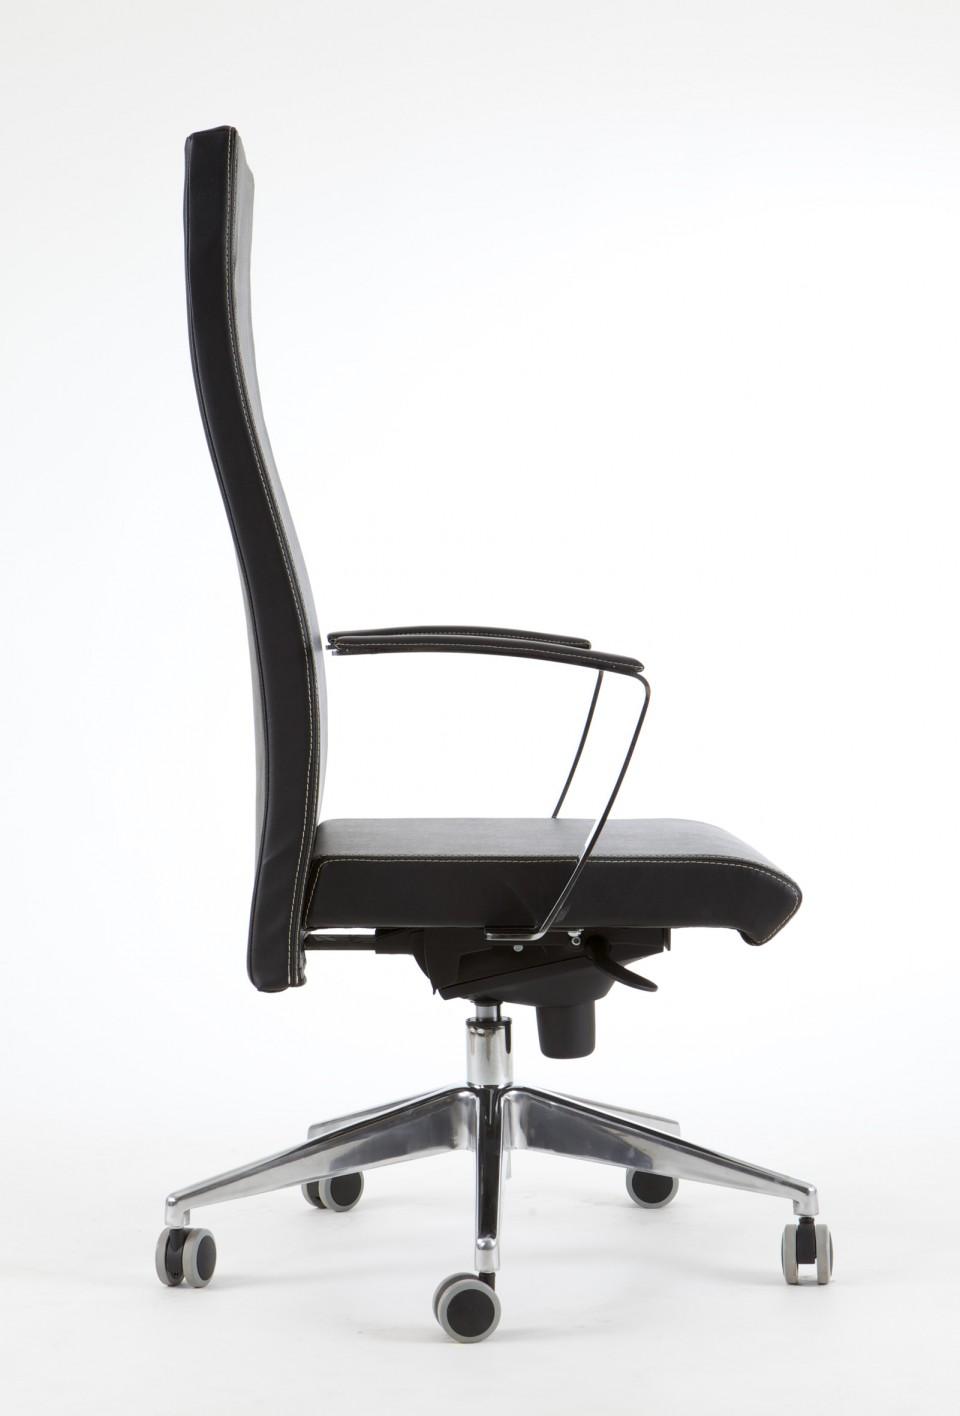 fauteuil de bureau cuir ness achat fauteuil de bureau cuir 654 00. Black Bedroom Furniture Sets. Home Design Ideas